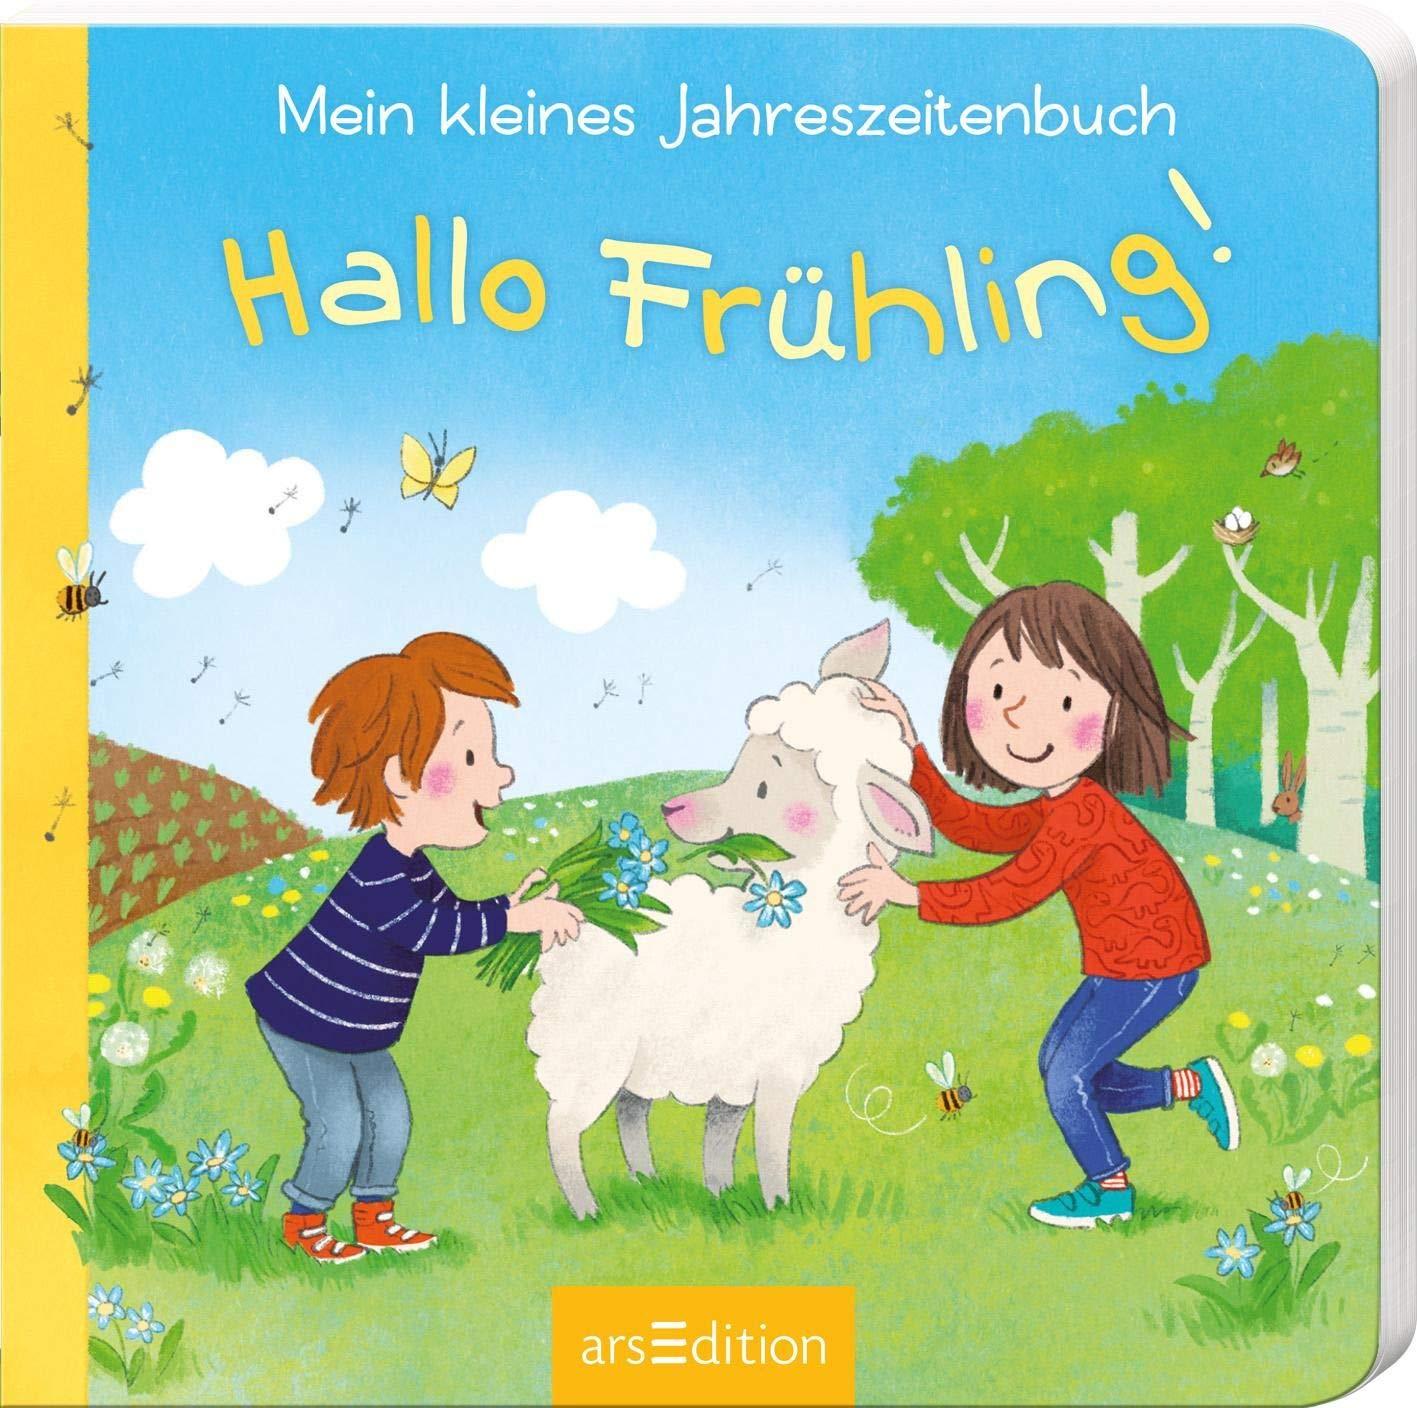 Hallo Frühling | diesteirerin.at